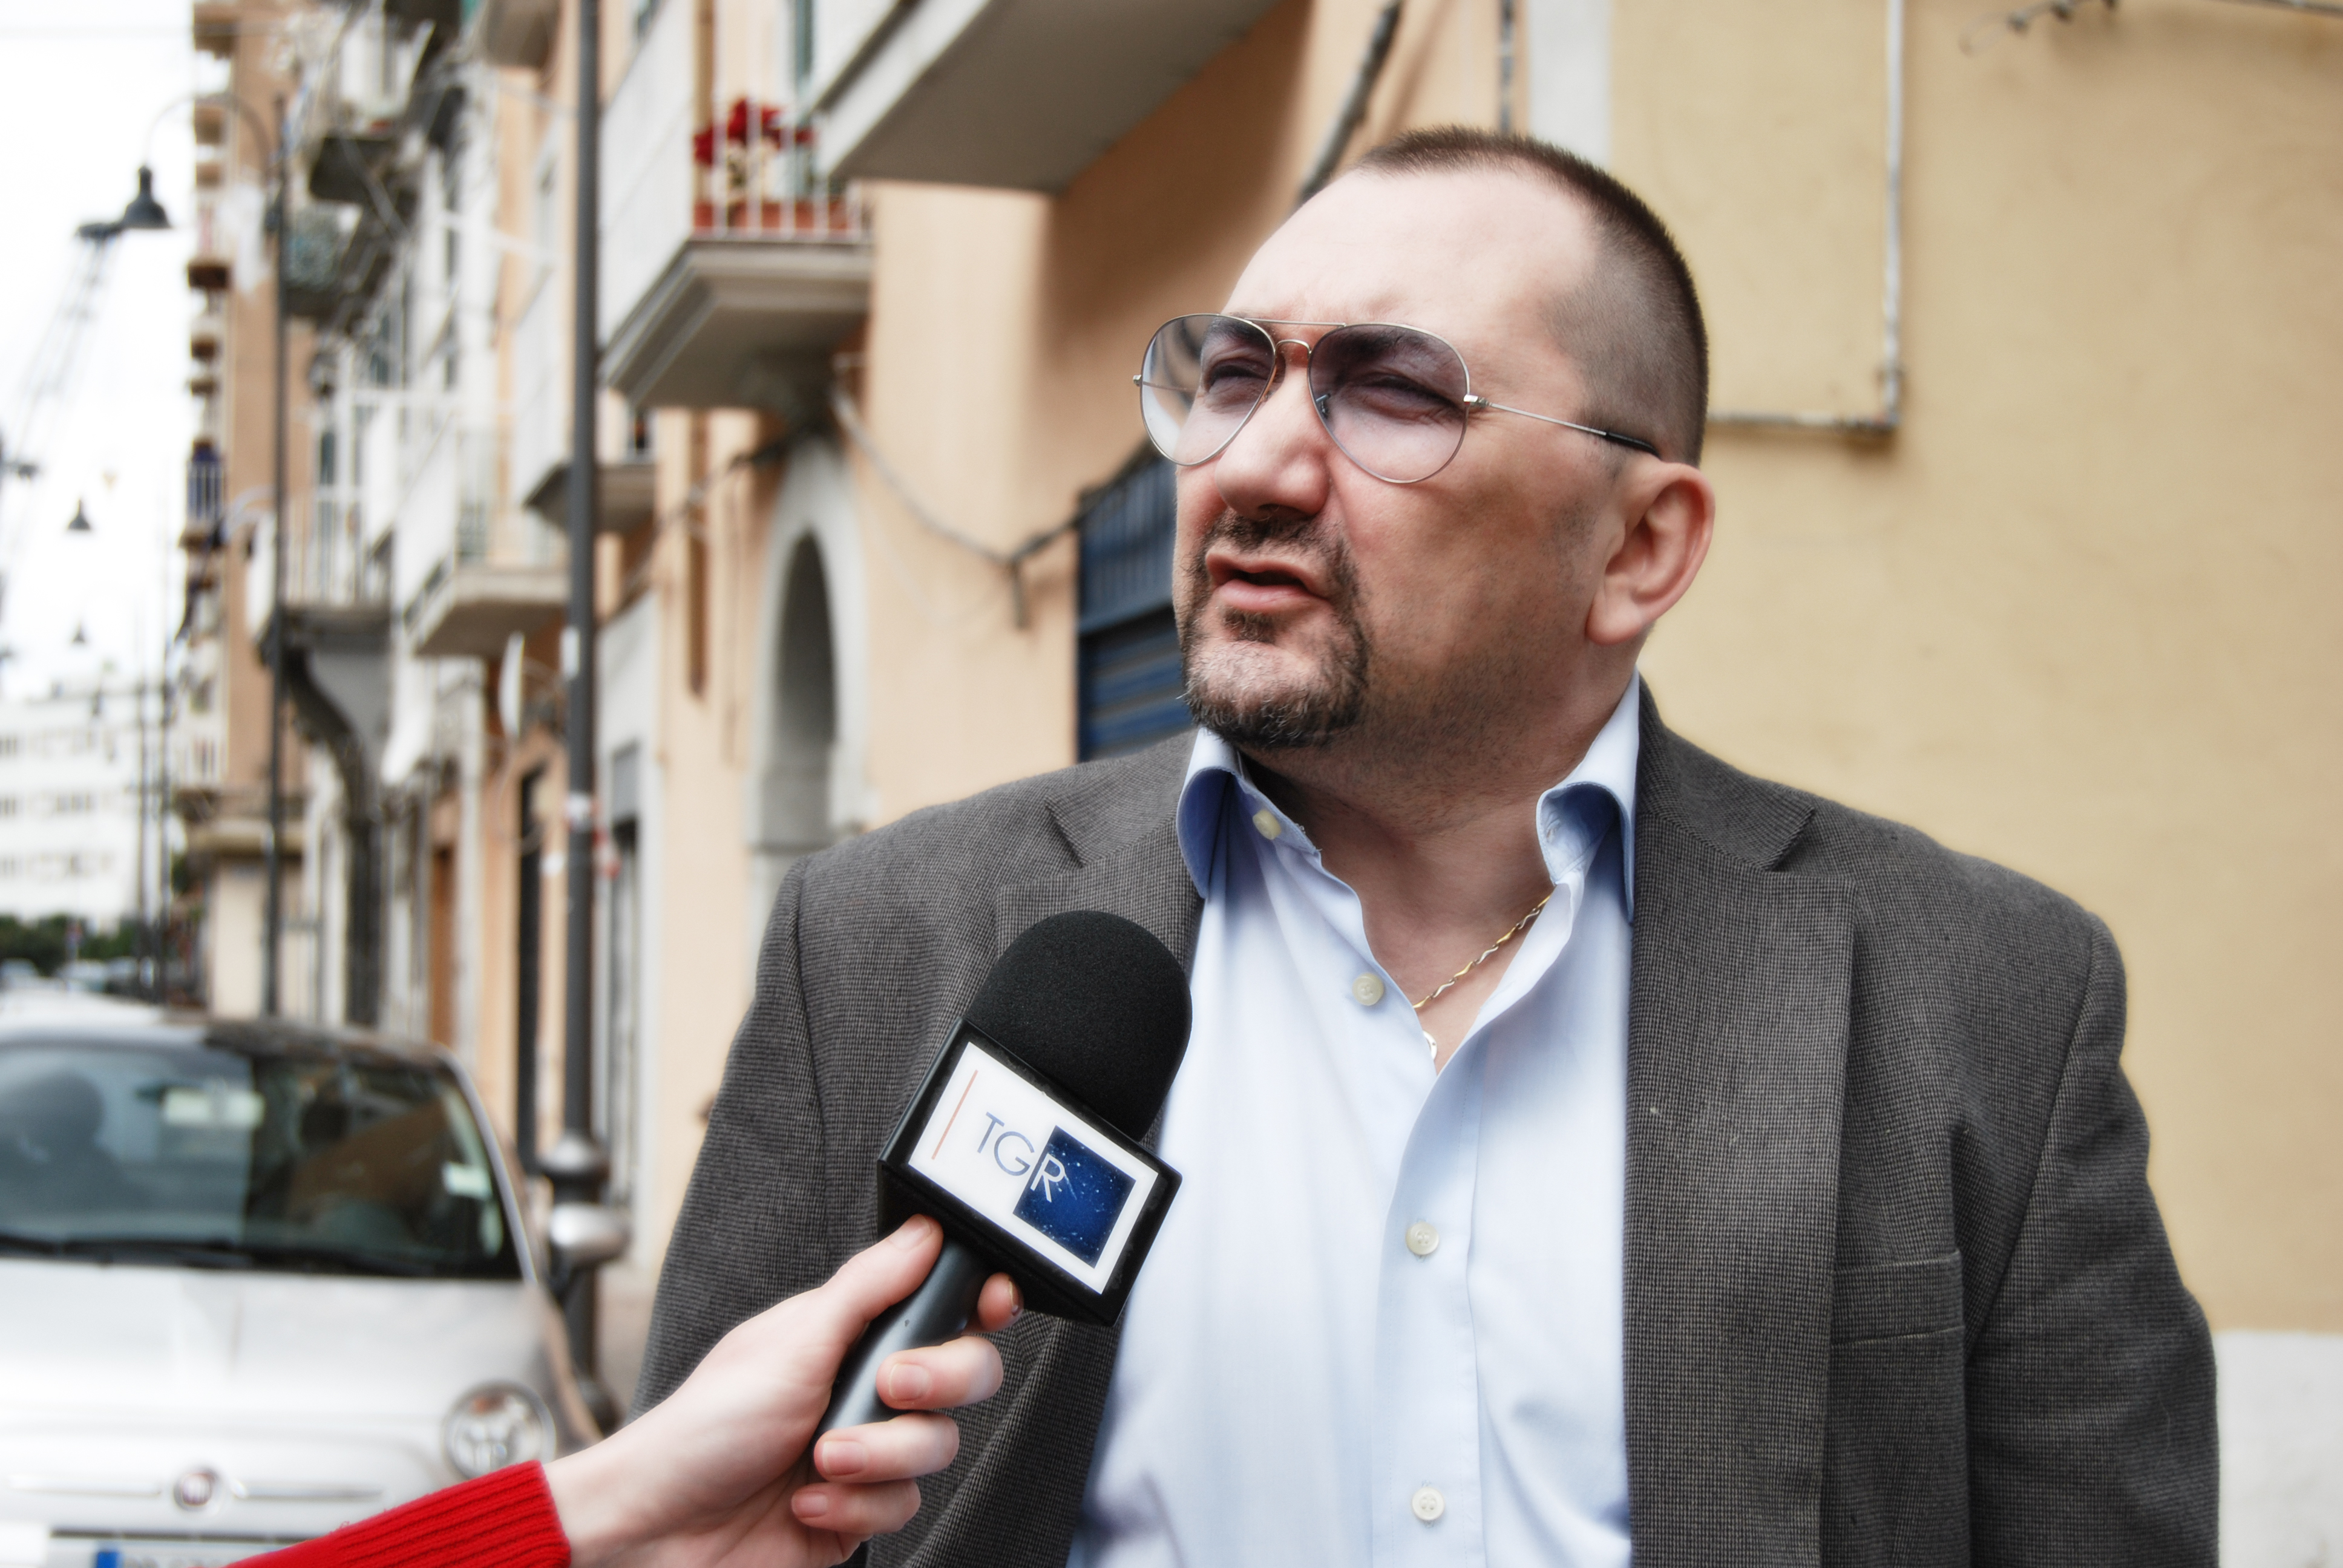 L'avvocato Alexandro Maria Tirelli intervistato al TG3